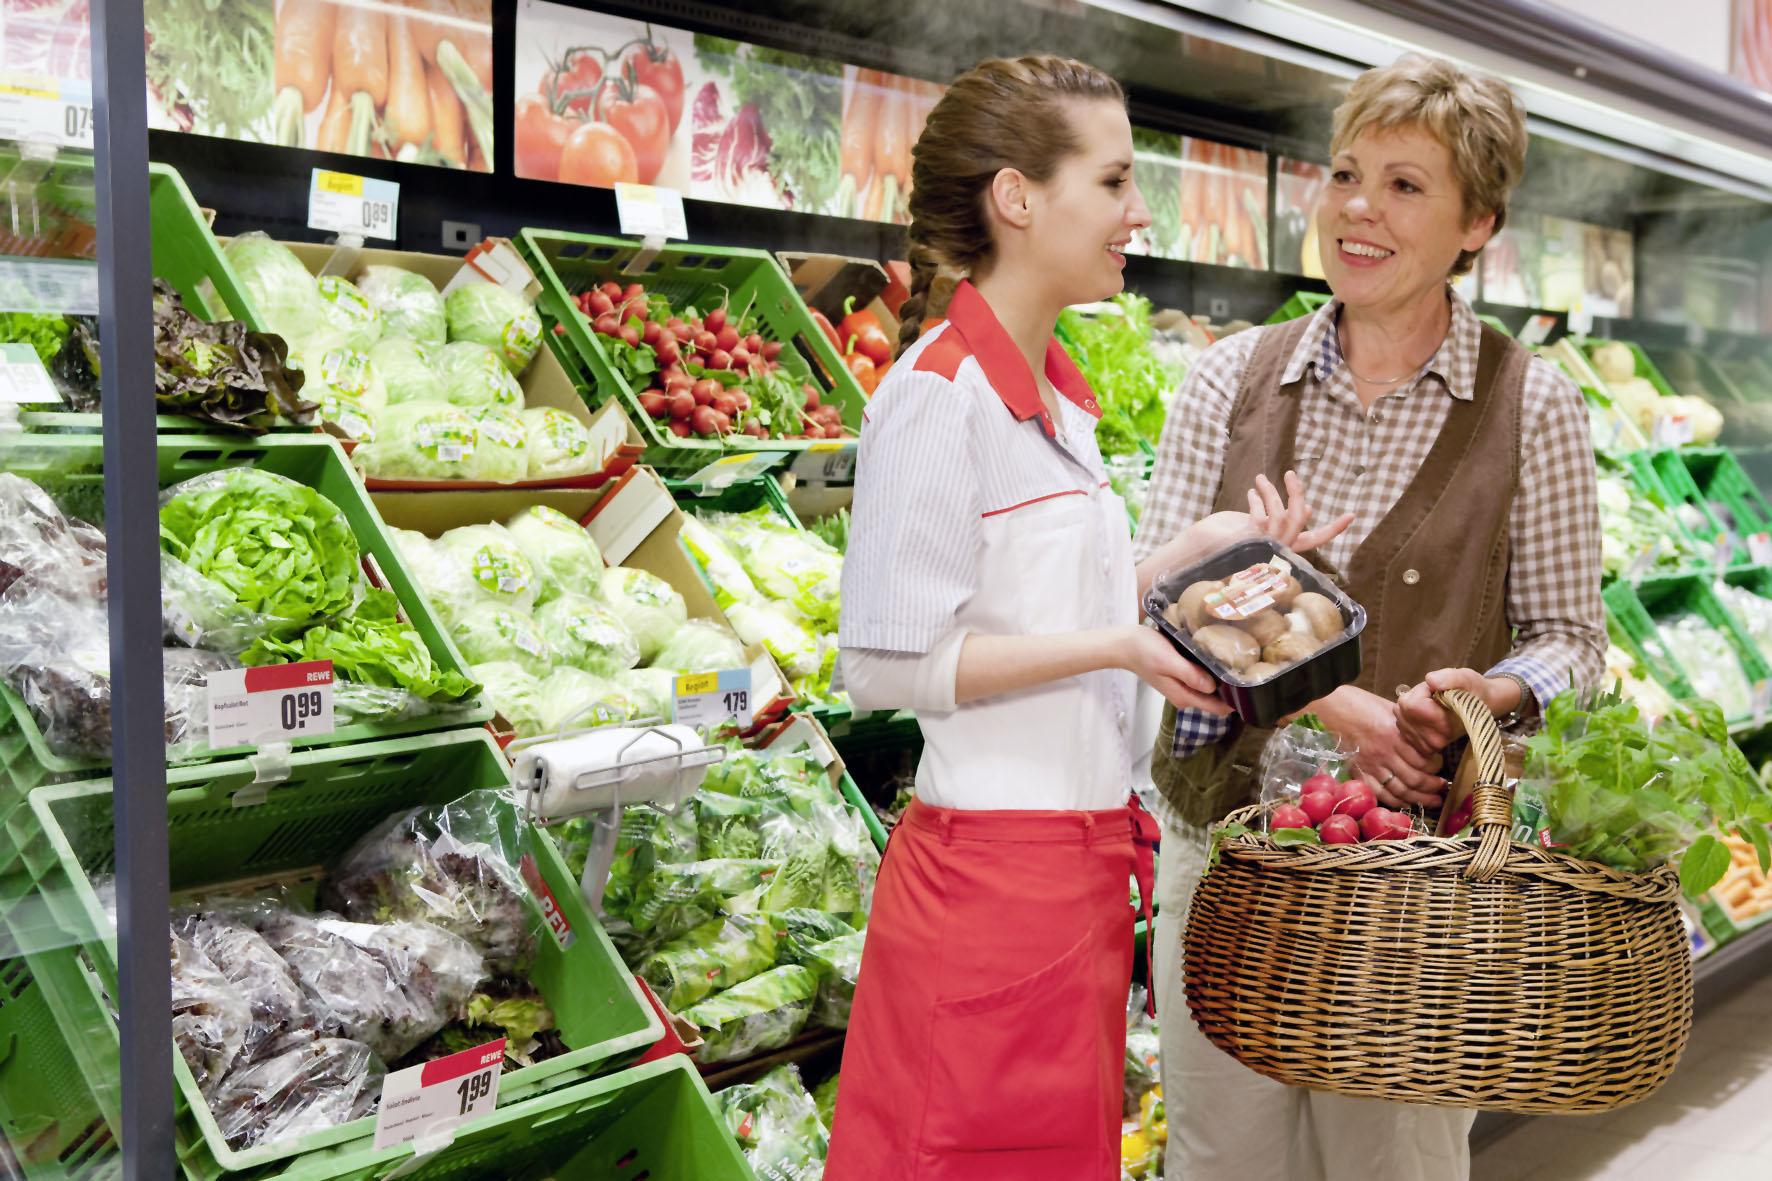 Schon beim Einkauf sollte man auf geprüfte Qualität achten, die man zum Beispiel am blauen QS-Zeichen erkennen kann.